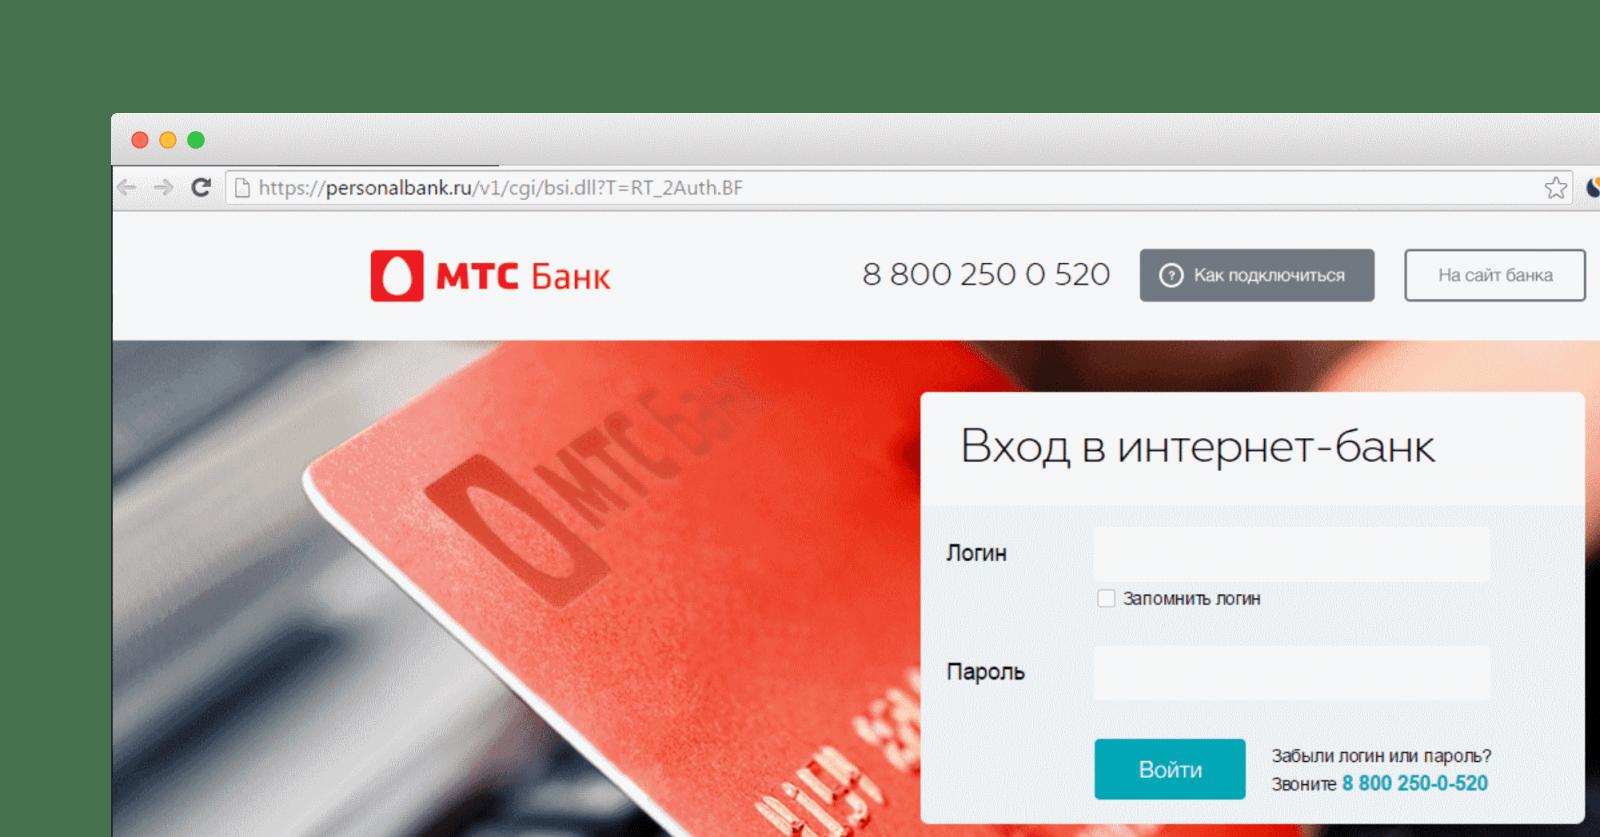 МТС-банк